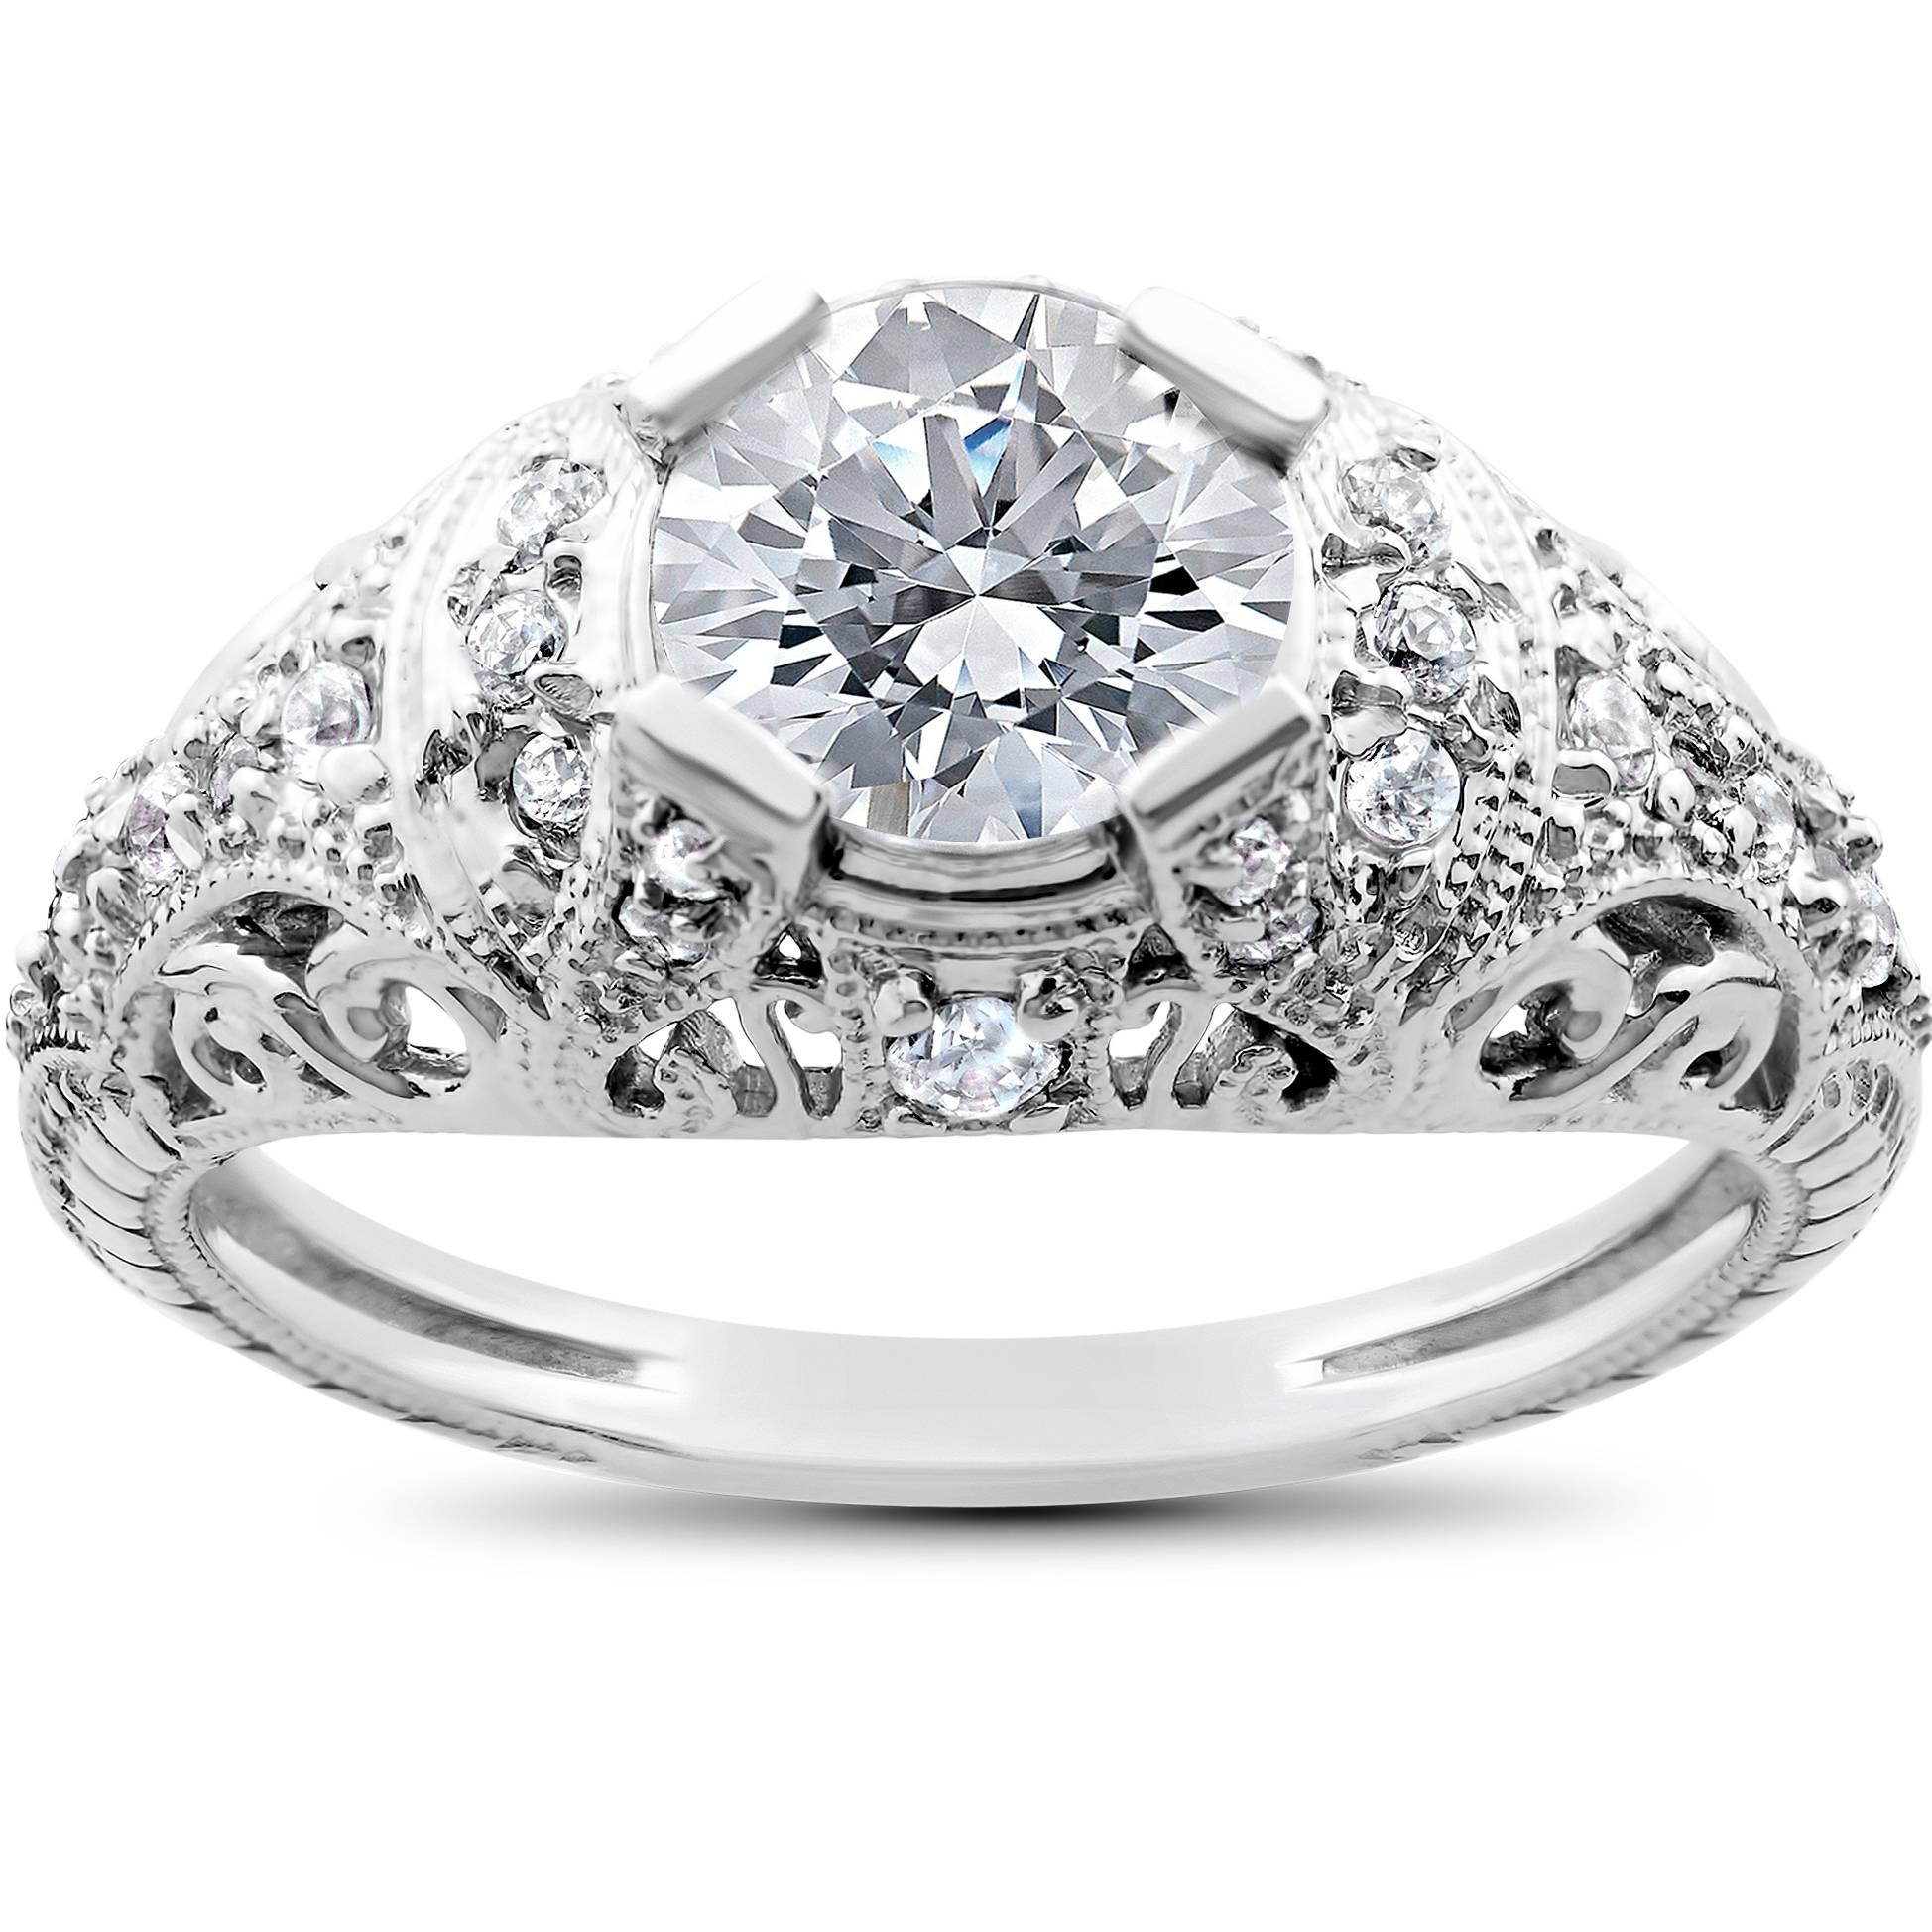 Vintage Enhanced Diamond Engagement Ring 1 1 5ct Filligre Antique 14K White G